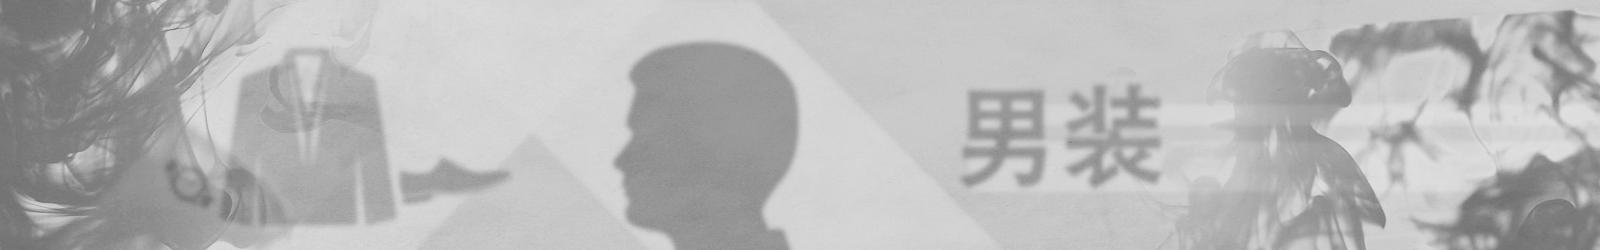 ERMENEGILDO ZEGNA——Alessandro Sartori